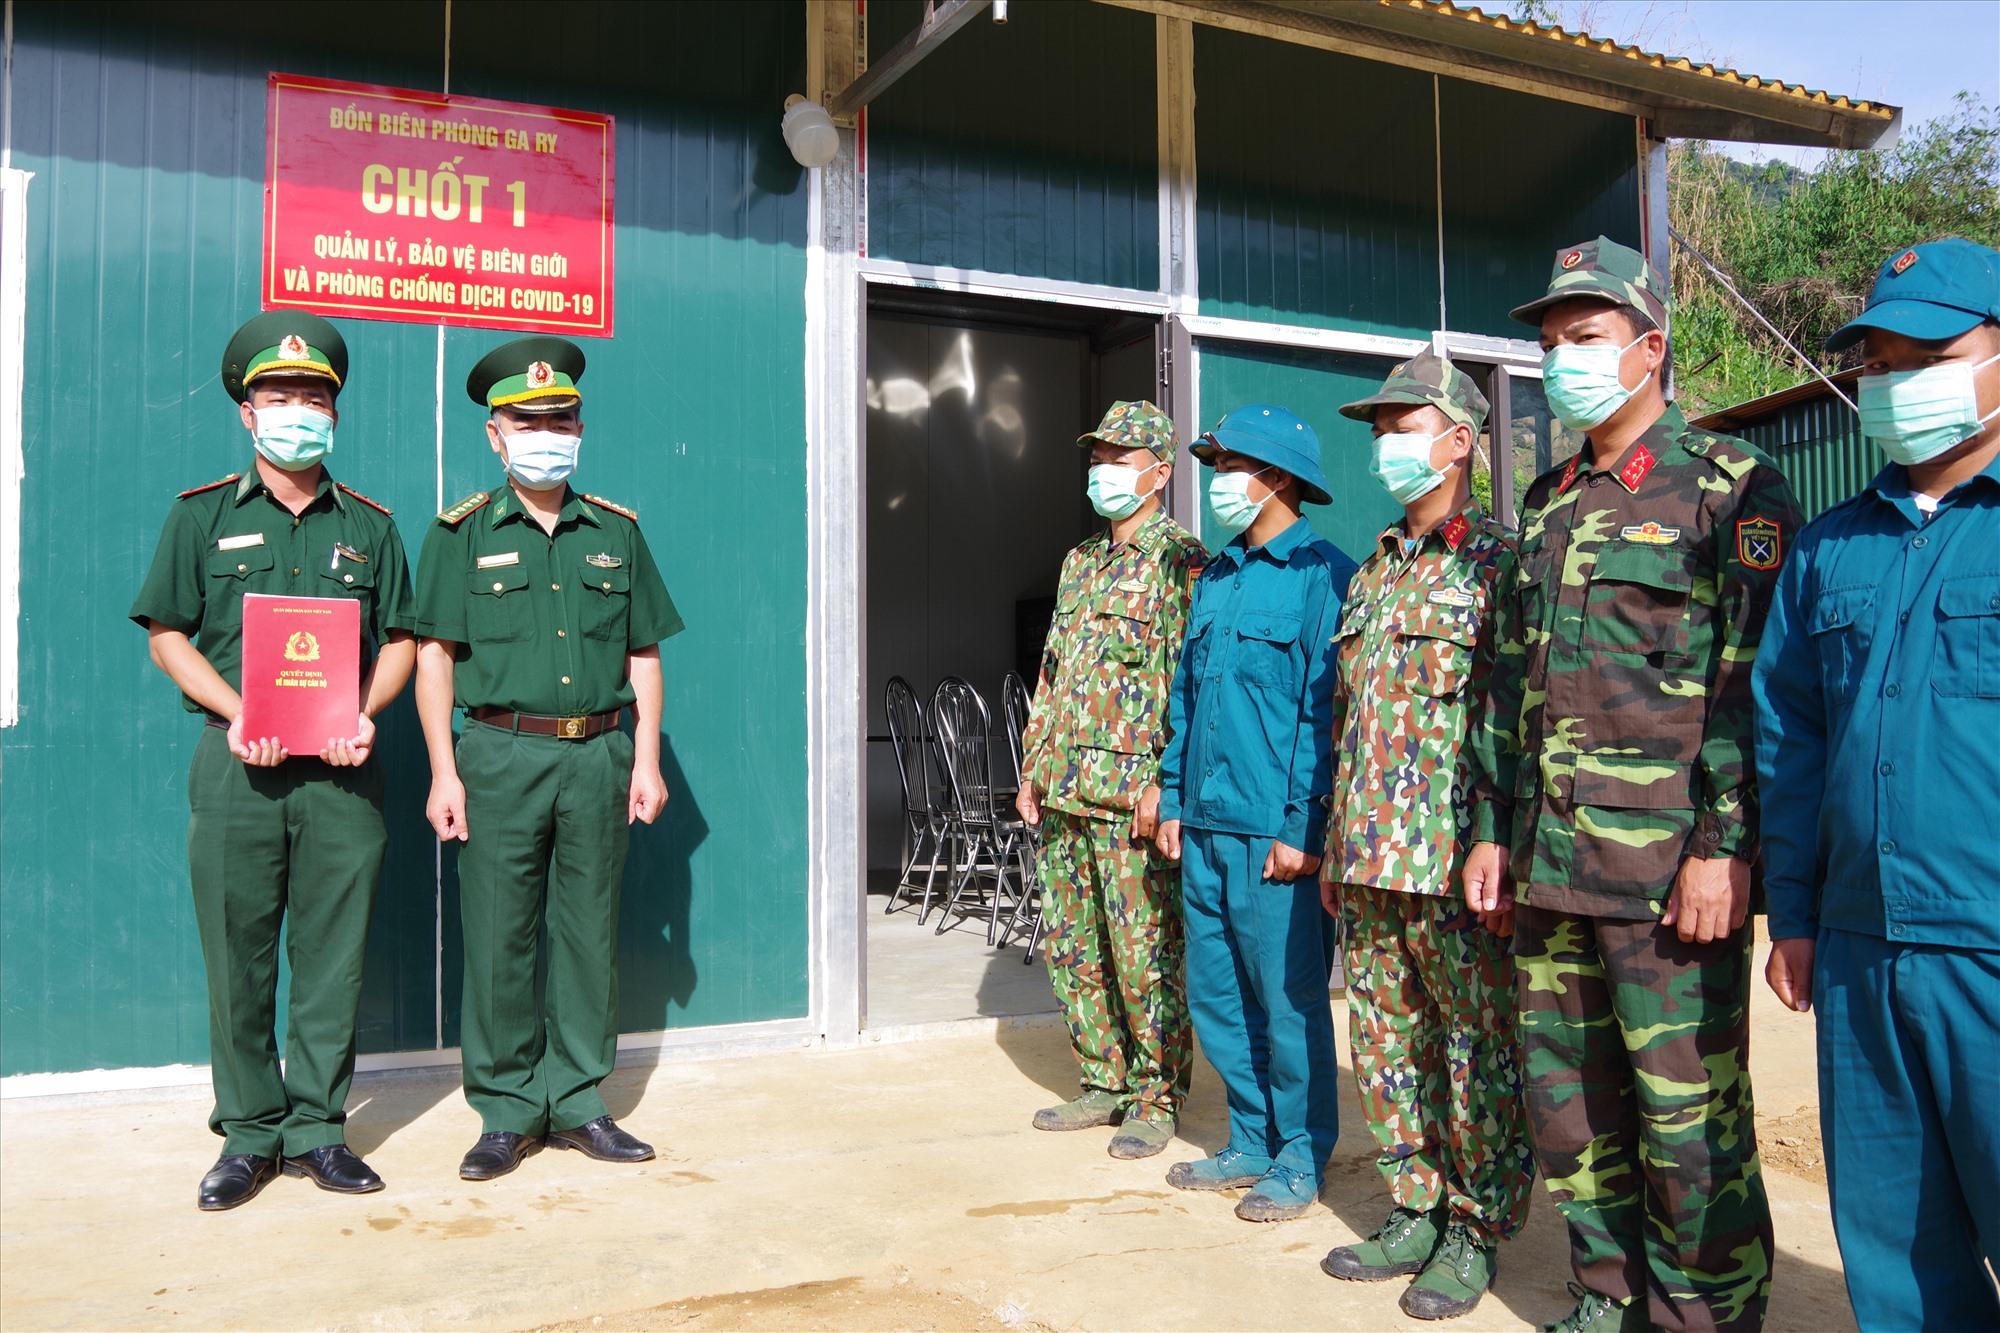 Đại tá Nguyễn Bá Hưng  - Phó Chính ủy BĐBP tỉnh trao quyết định cho Thượng úy Trương Văn Chính tại chốt kiểm soát do đồn BP GaRy quản lý. Ảnh: HUỲNH CHÍN